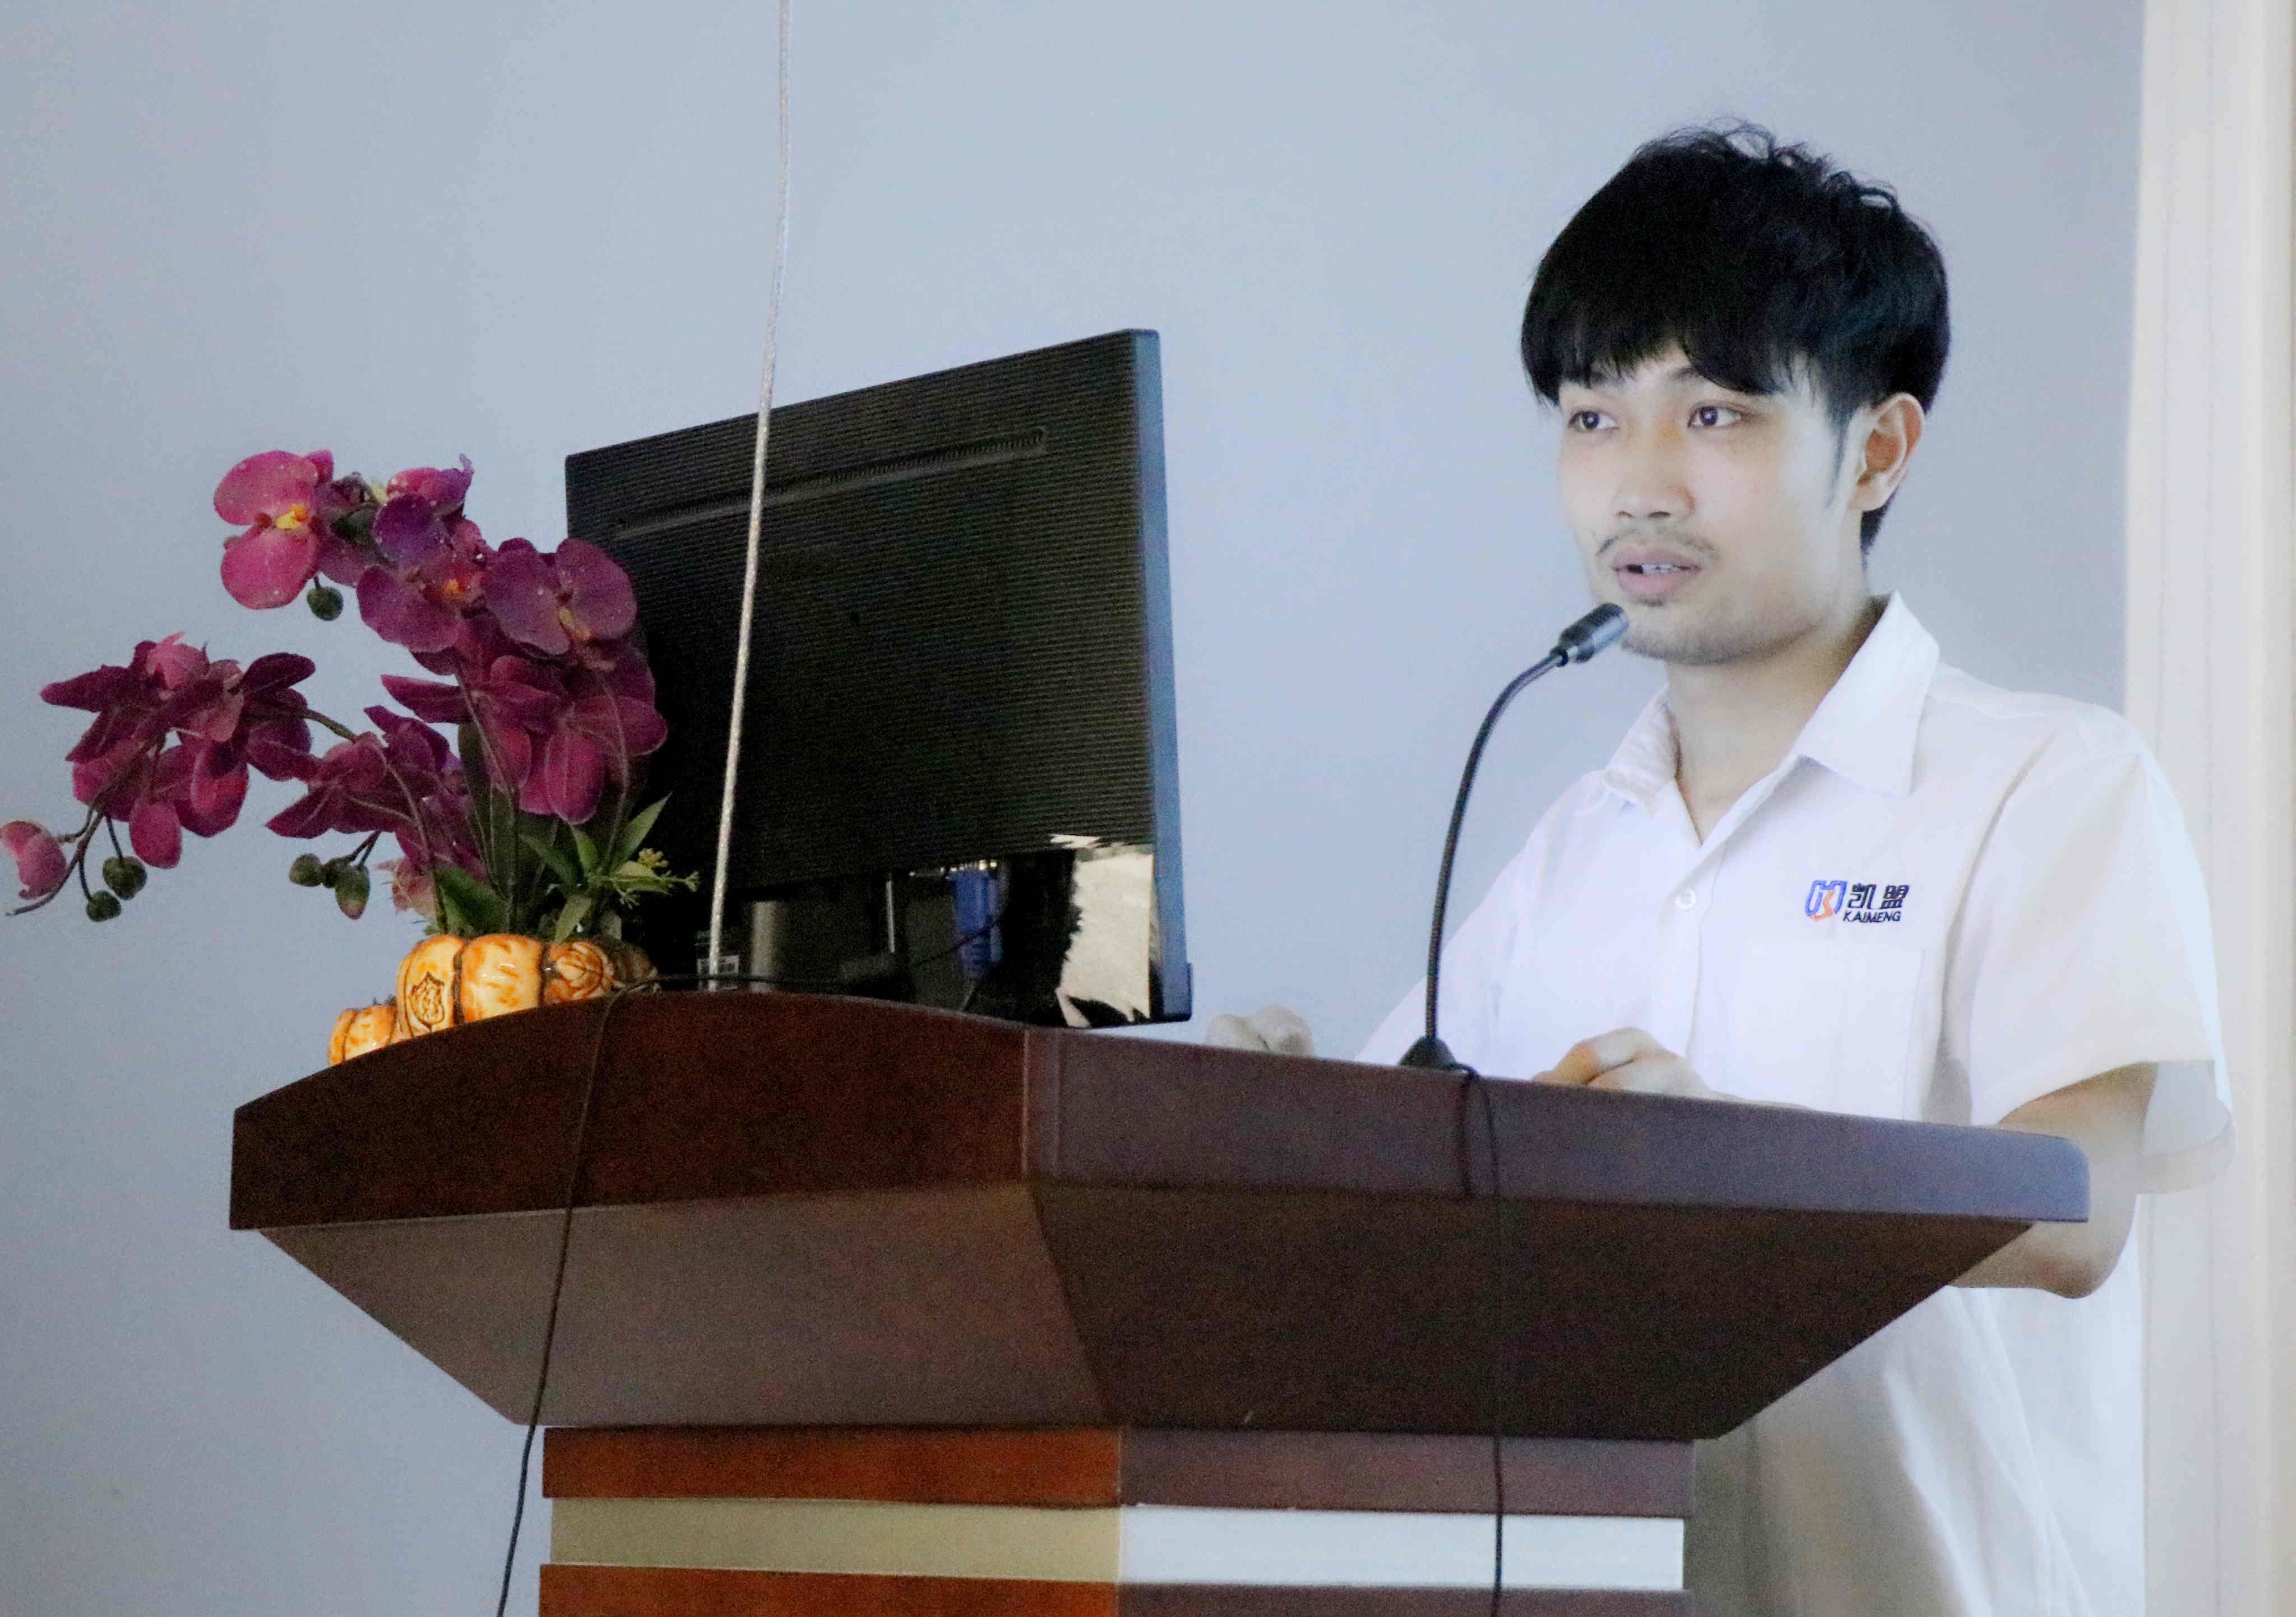 凯盟公司技术部开展技术培训及研讨会